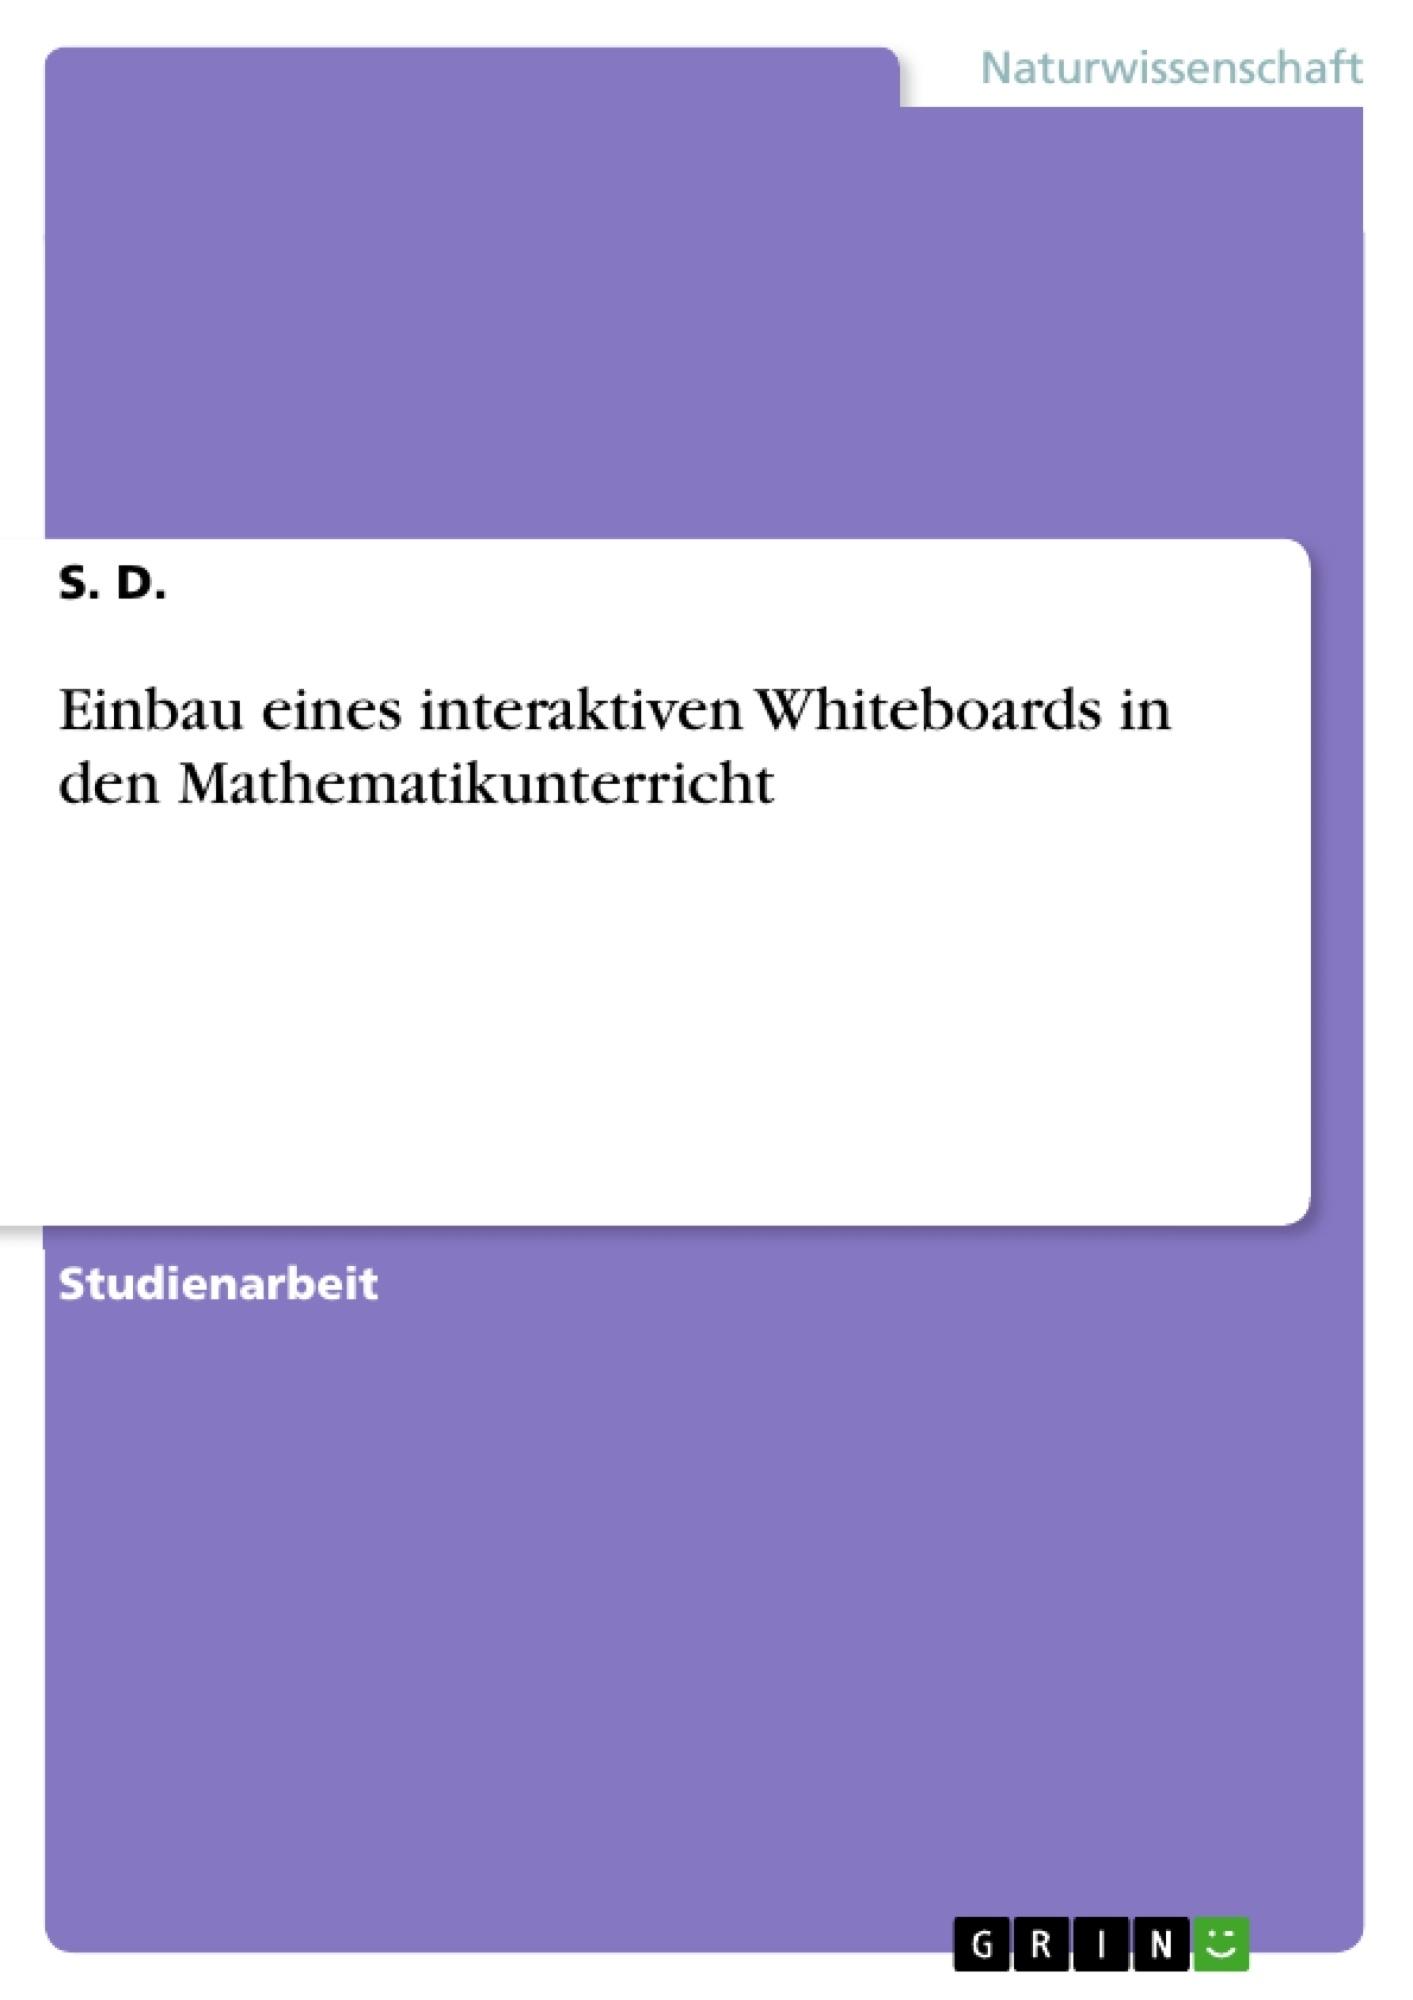 Titel: Einbau eines interaktiven Whiteboards in den Mathematikunterricht